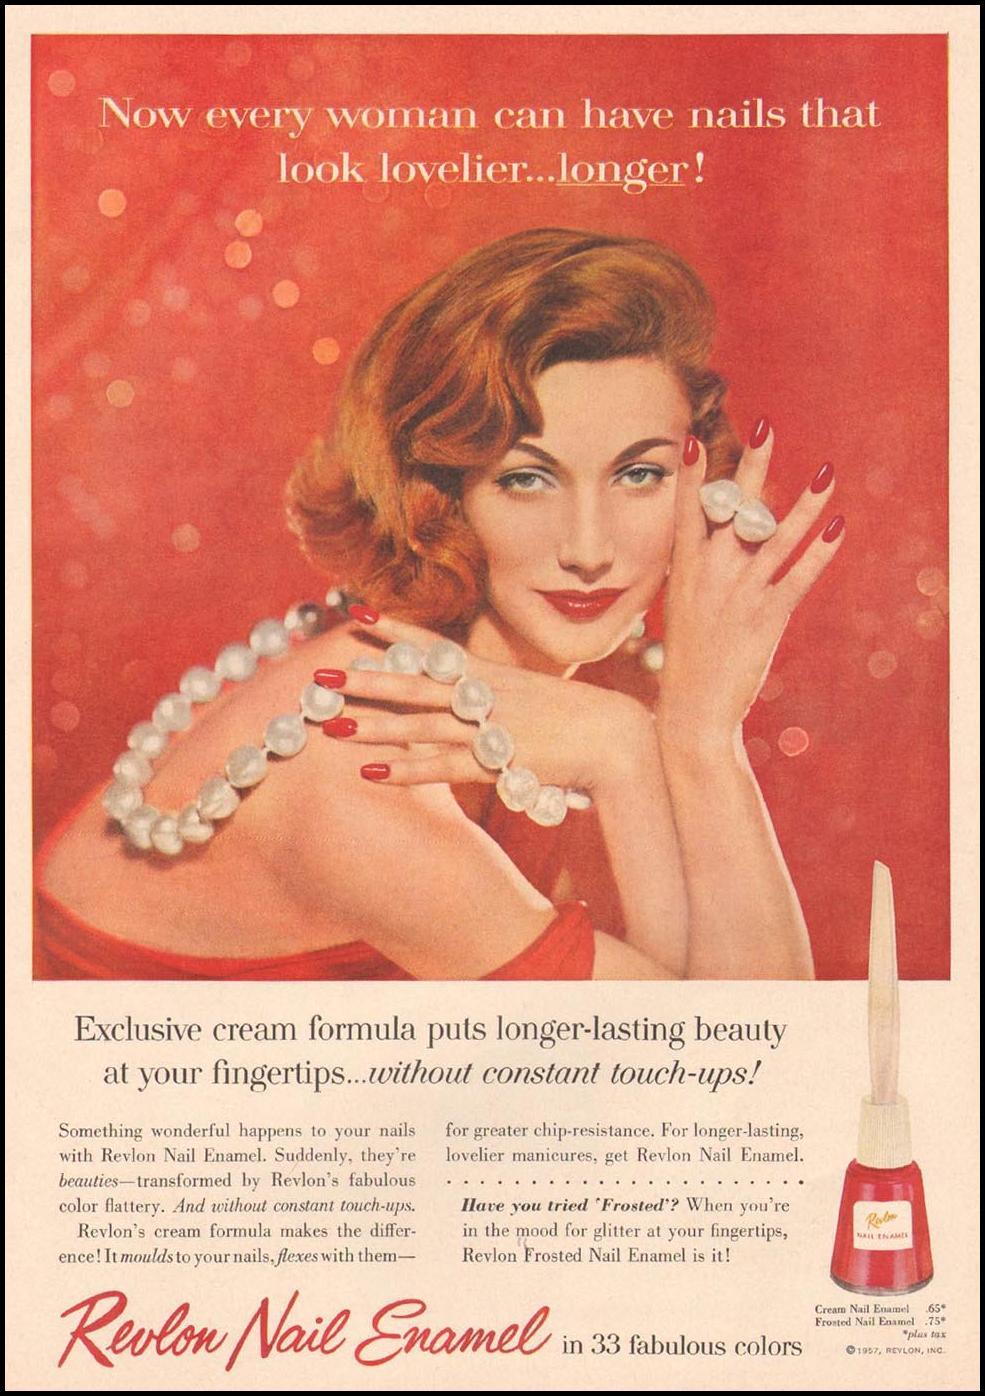 REVLON NAIL ENAMEL GOOD HOUSEKEEPING 05/01/1957 p. 25